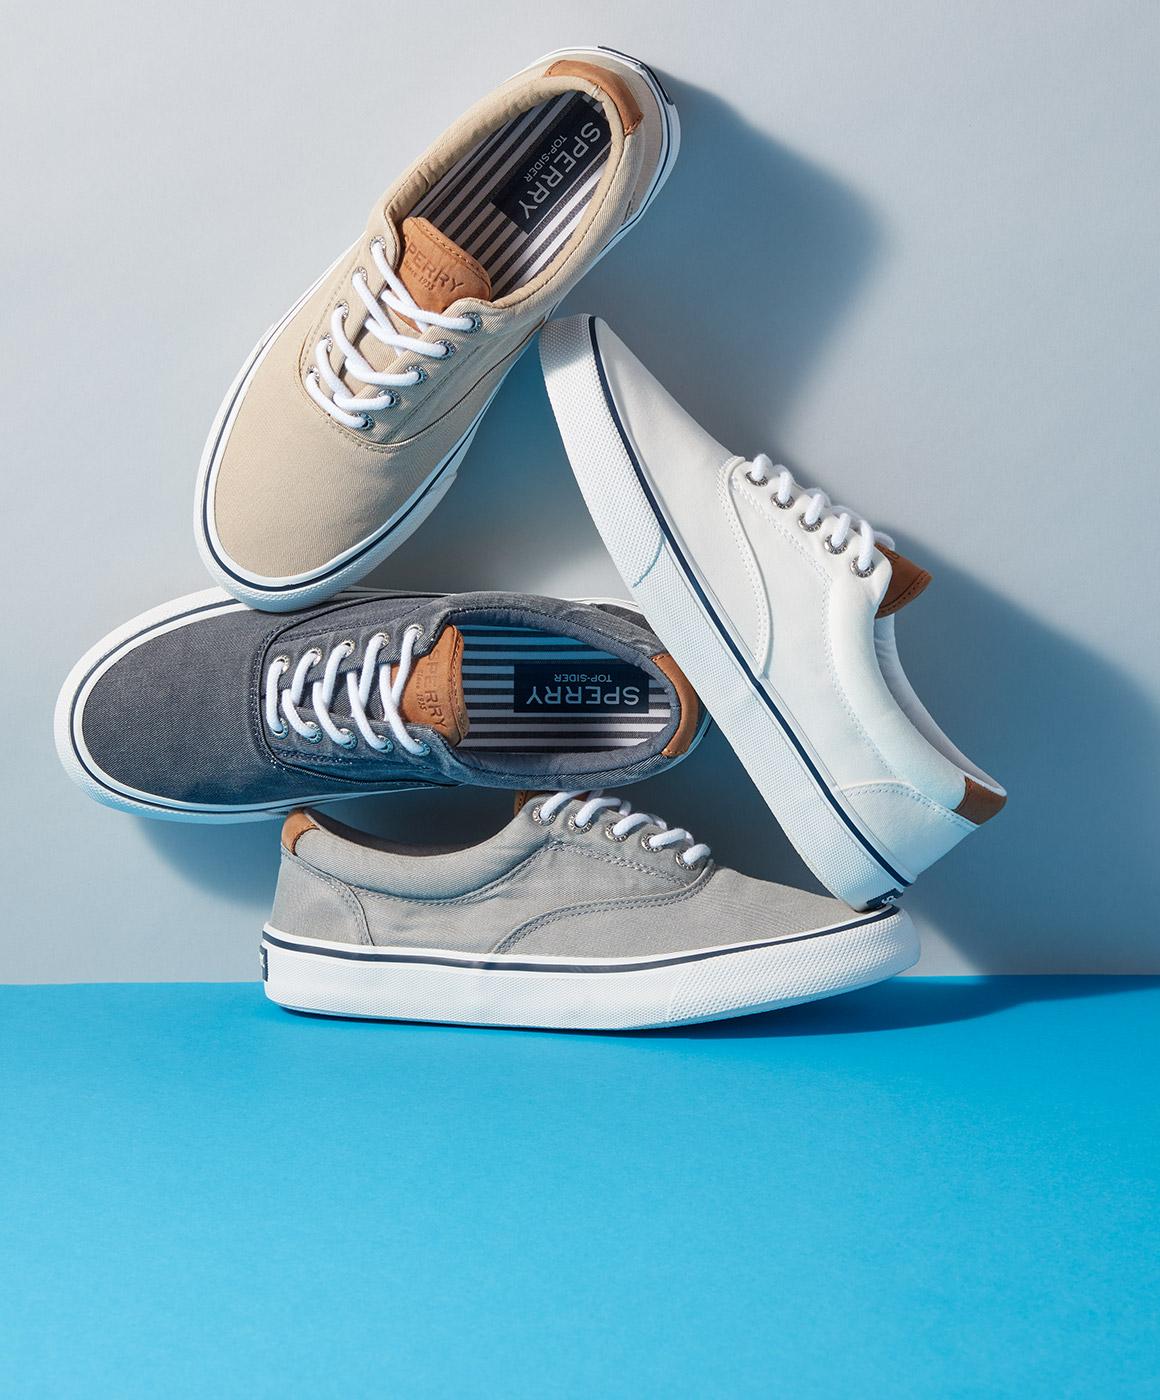 Sperry men's sneakers.